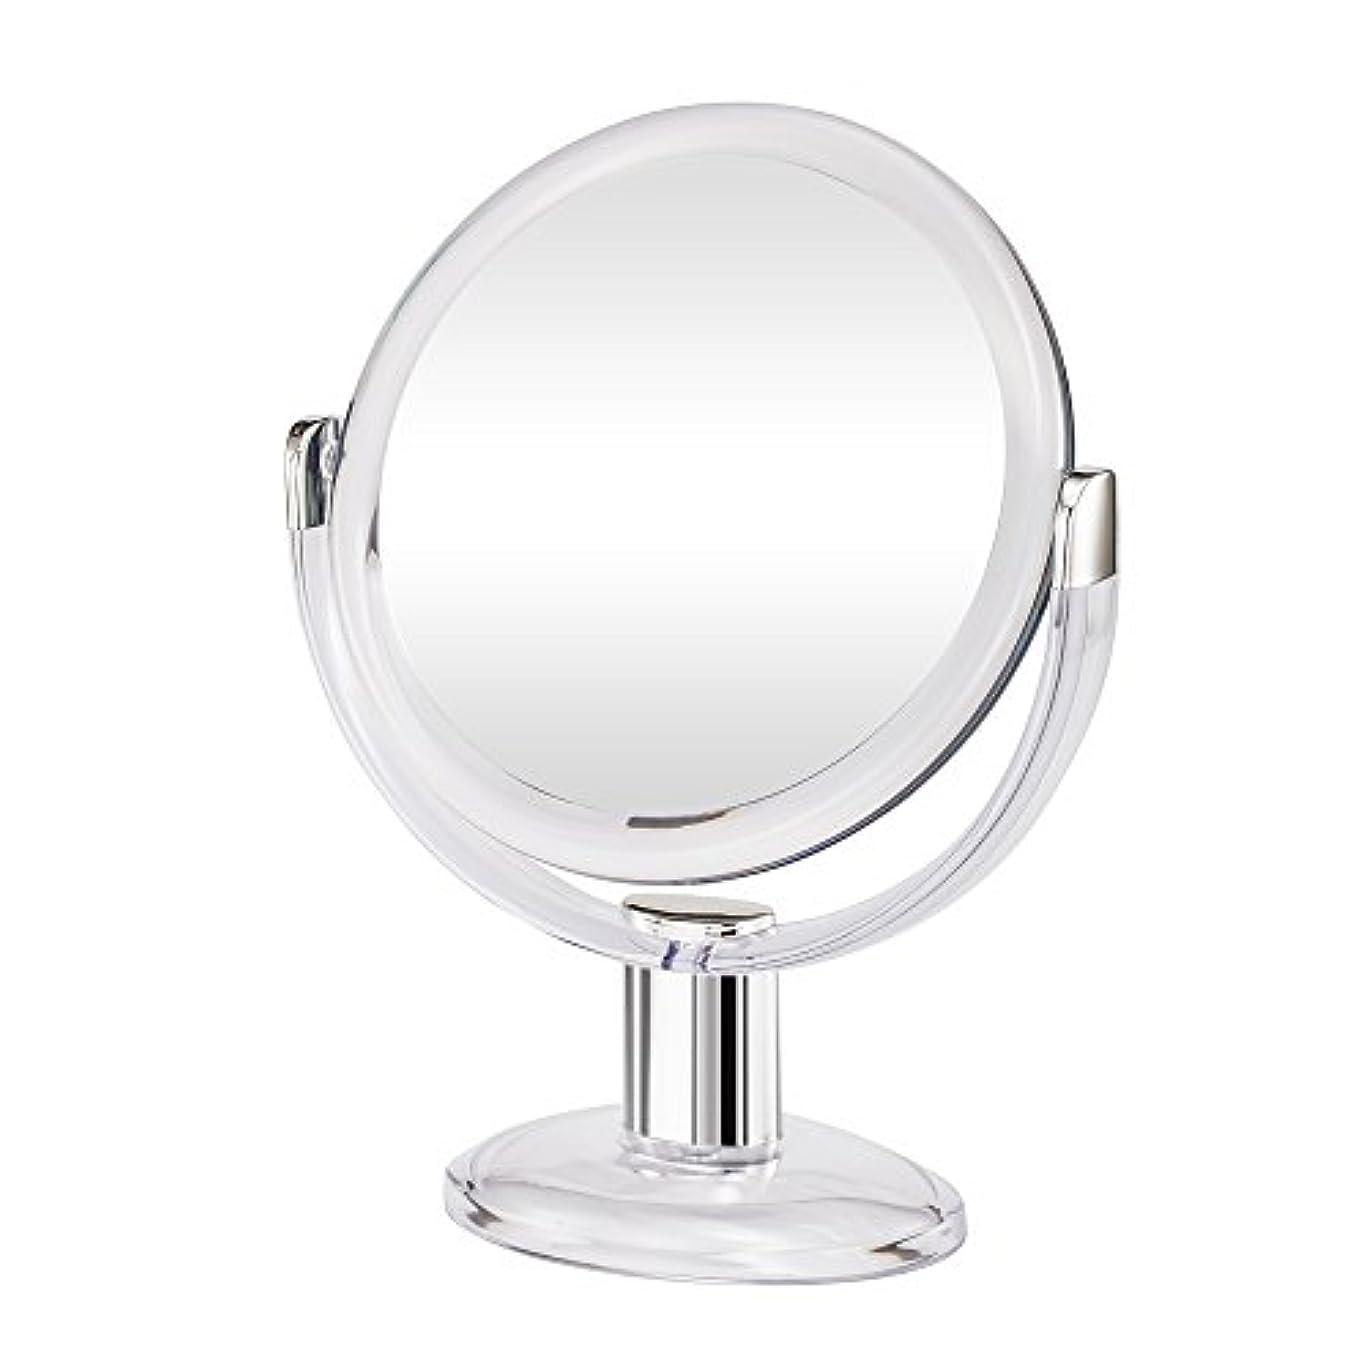 切るガラスに同意するGotofine両面拡大鏡、360度回転1倍と10倍倍率 - クリアと透明